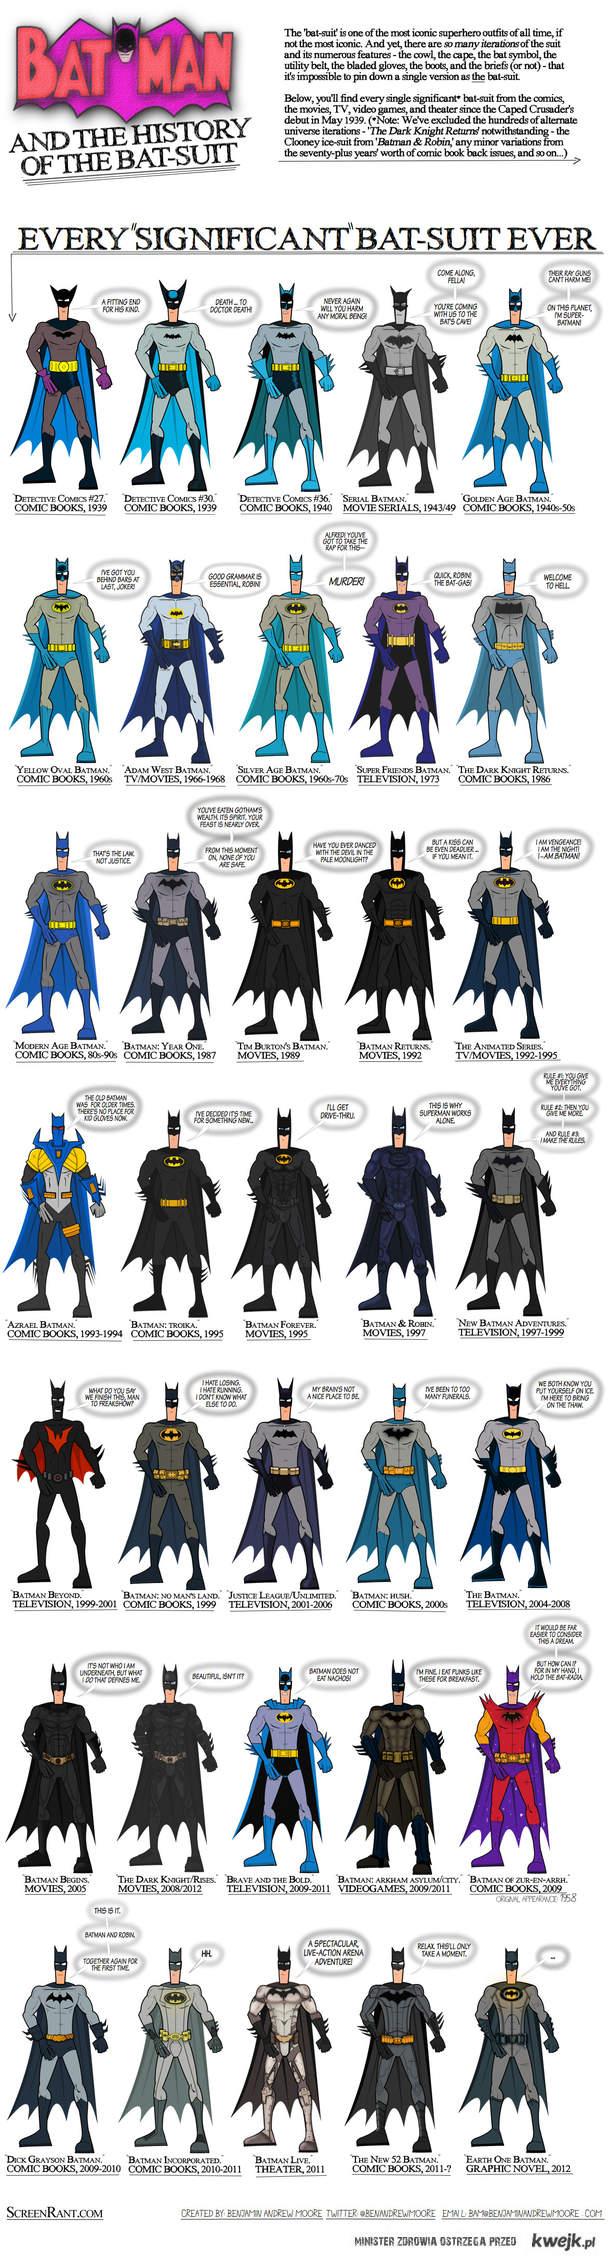 Bat-suit